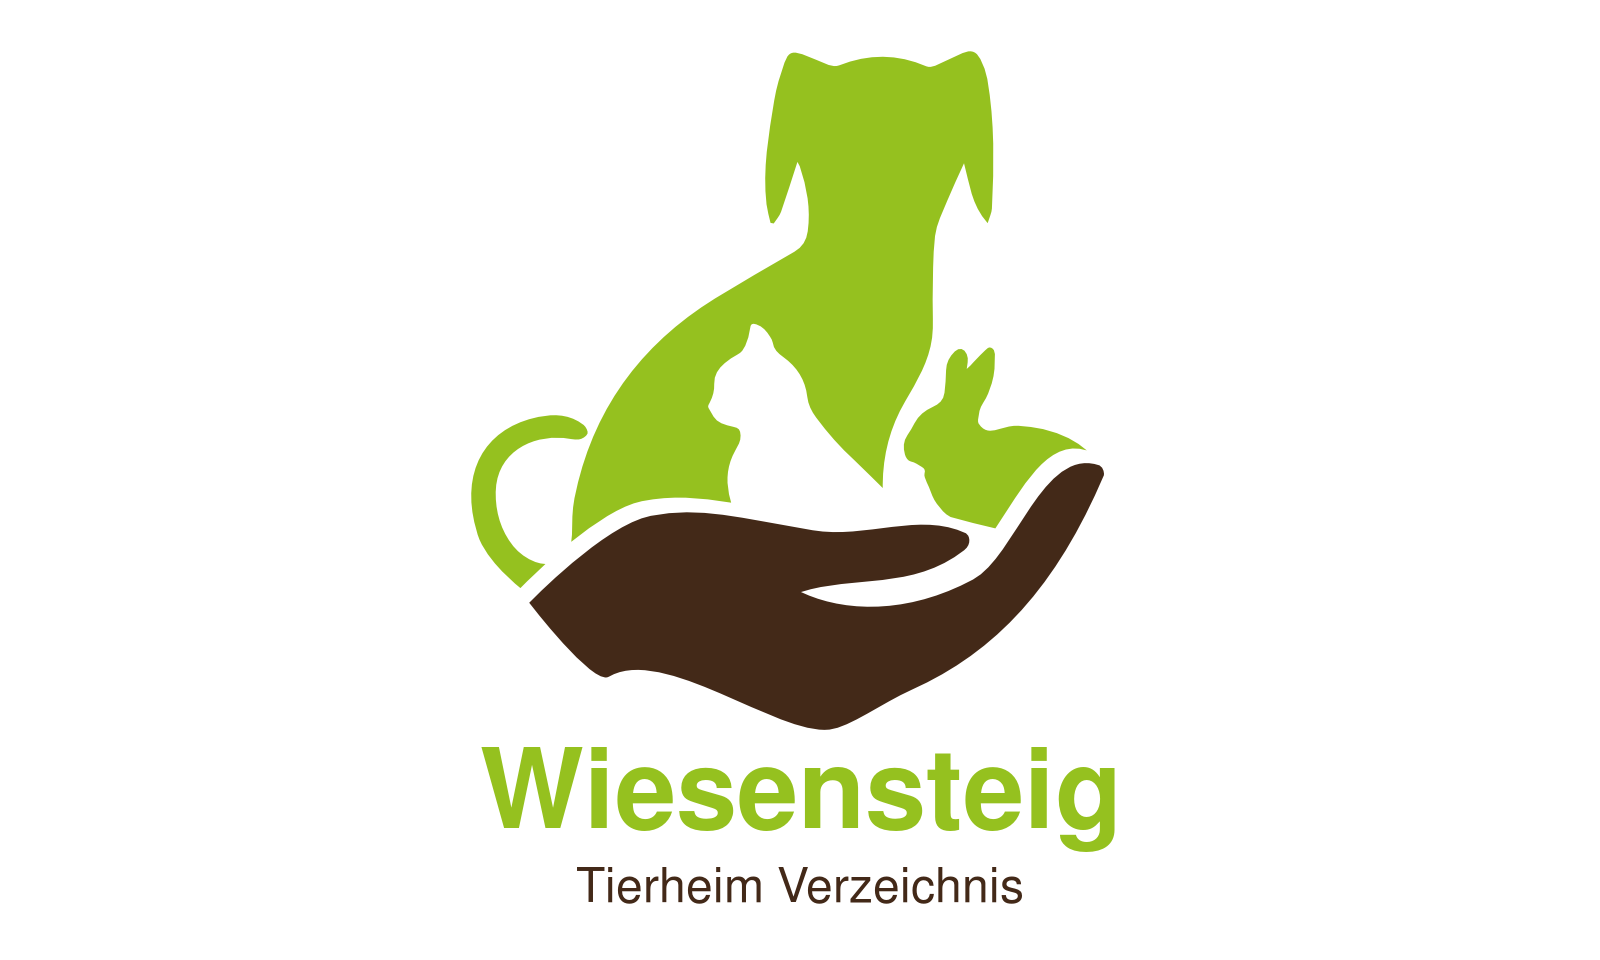 Tierheim Wiesensteig